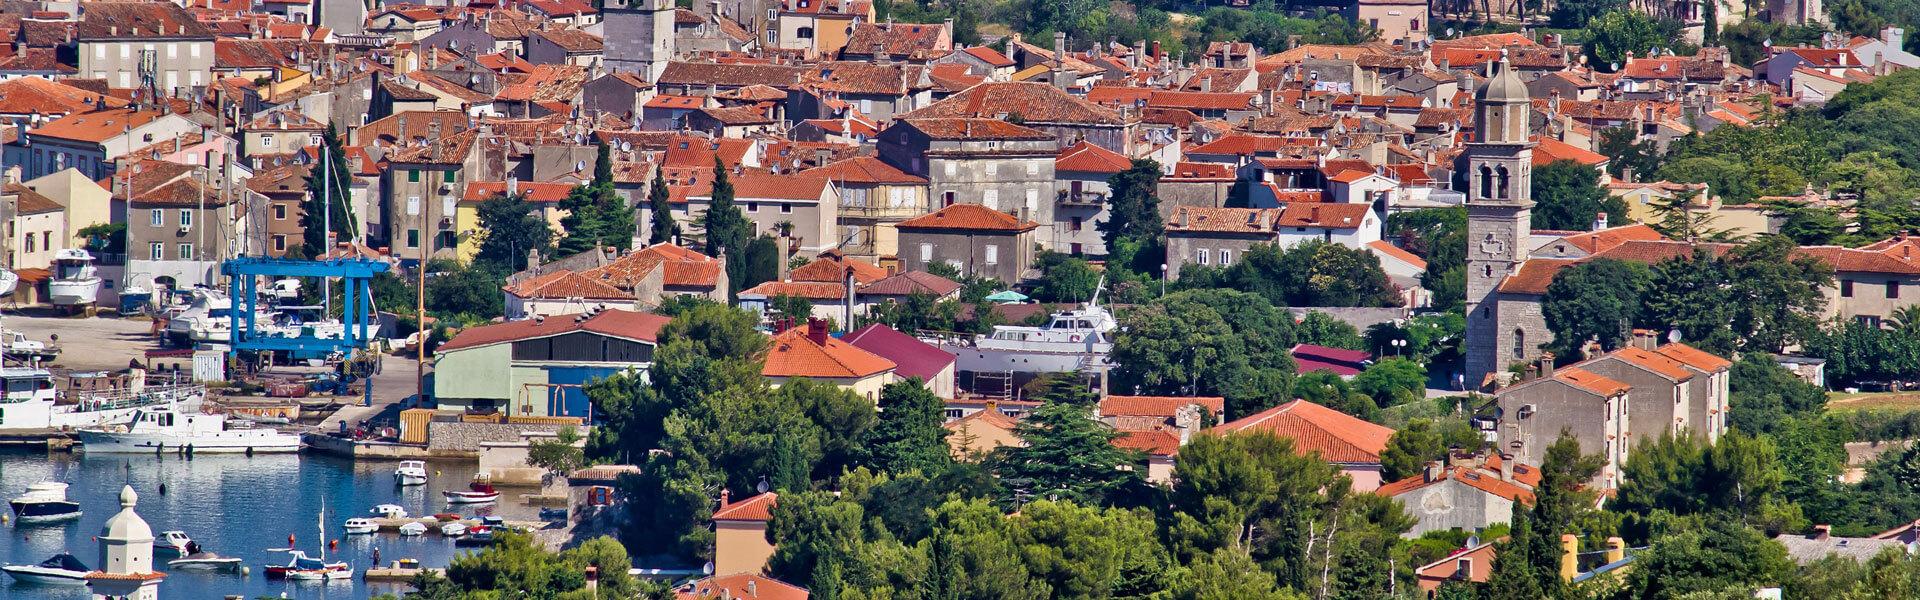 Firmenreise durch die Adria und Kroatien - mediterrane Städte und Flair genießen